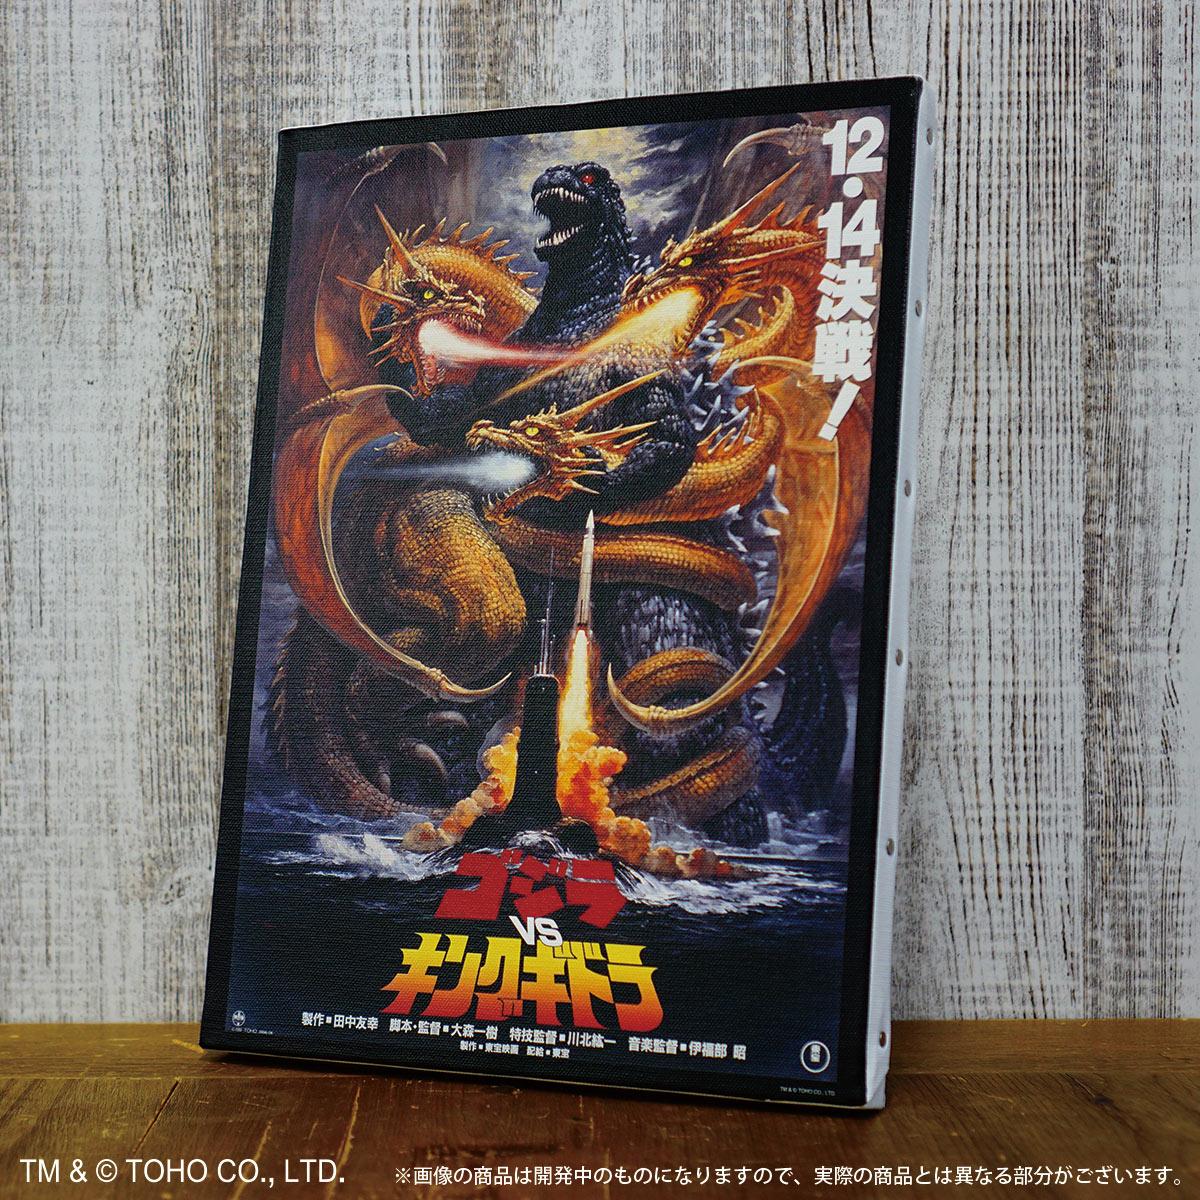 「ゴジラVSキングギドラ」(1991)